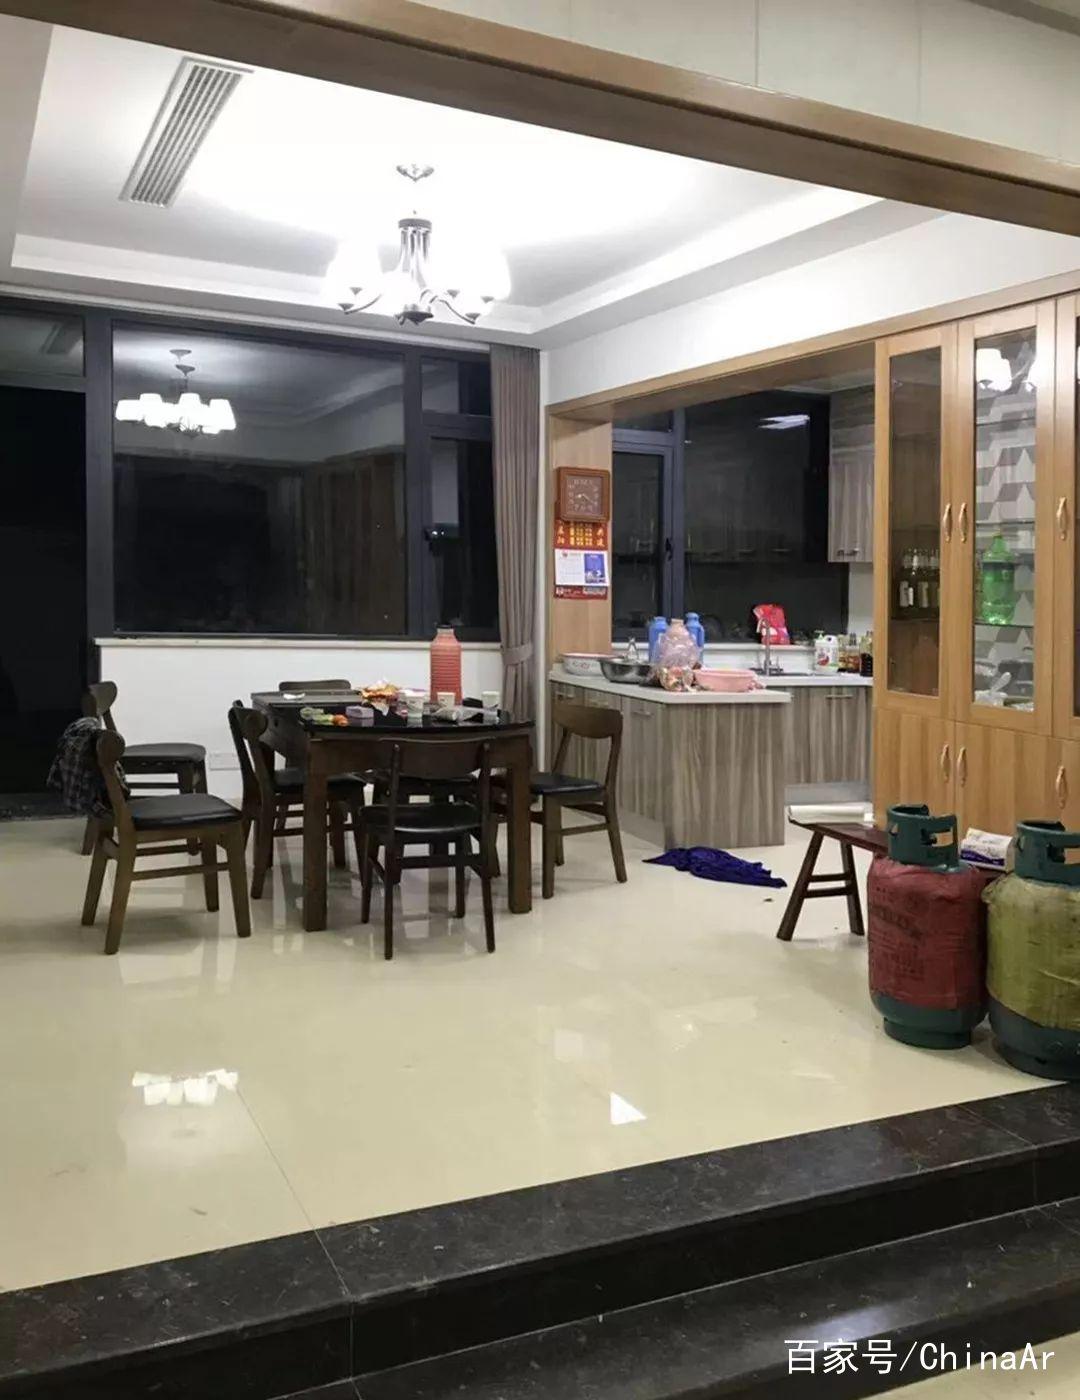 苏州张家港区域房屋与宅基地租赁或合作 头条 第19张